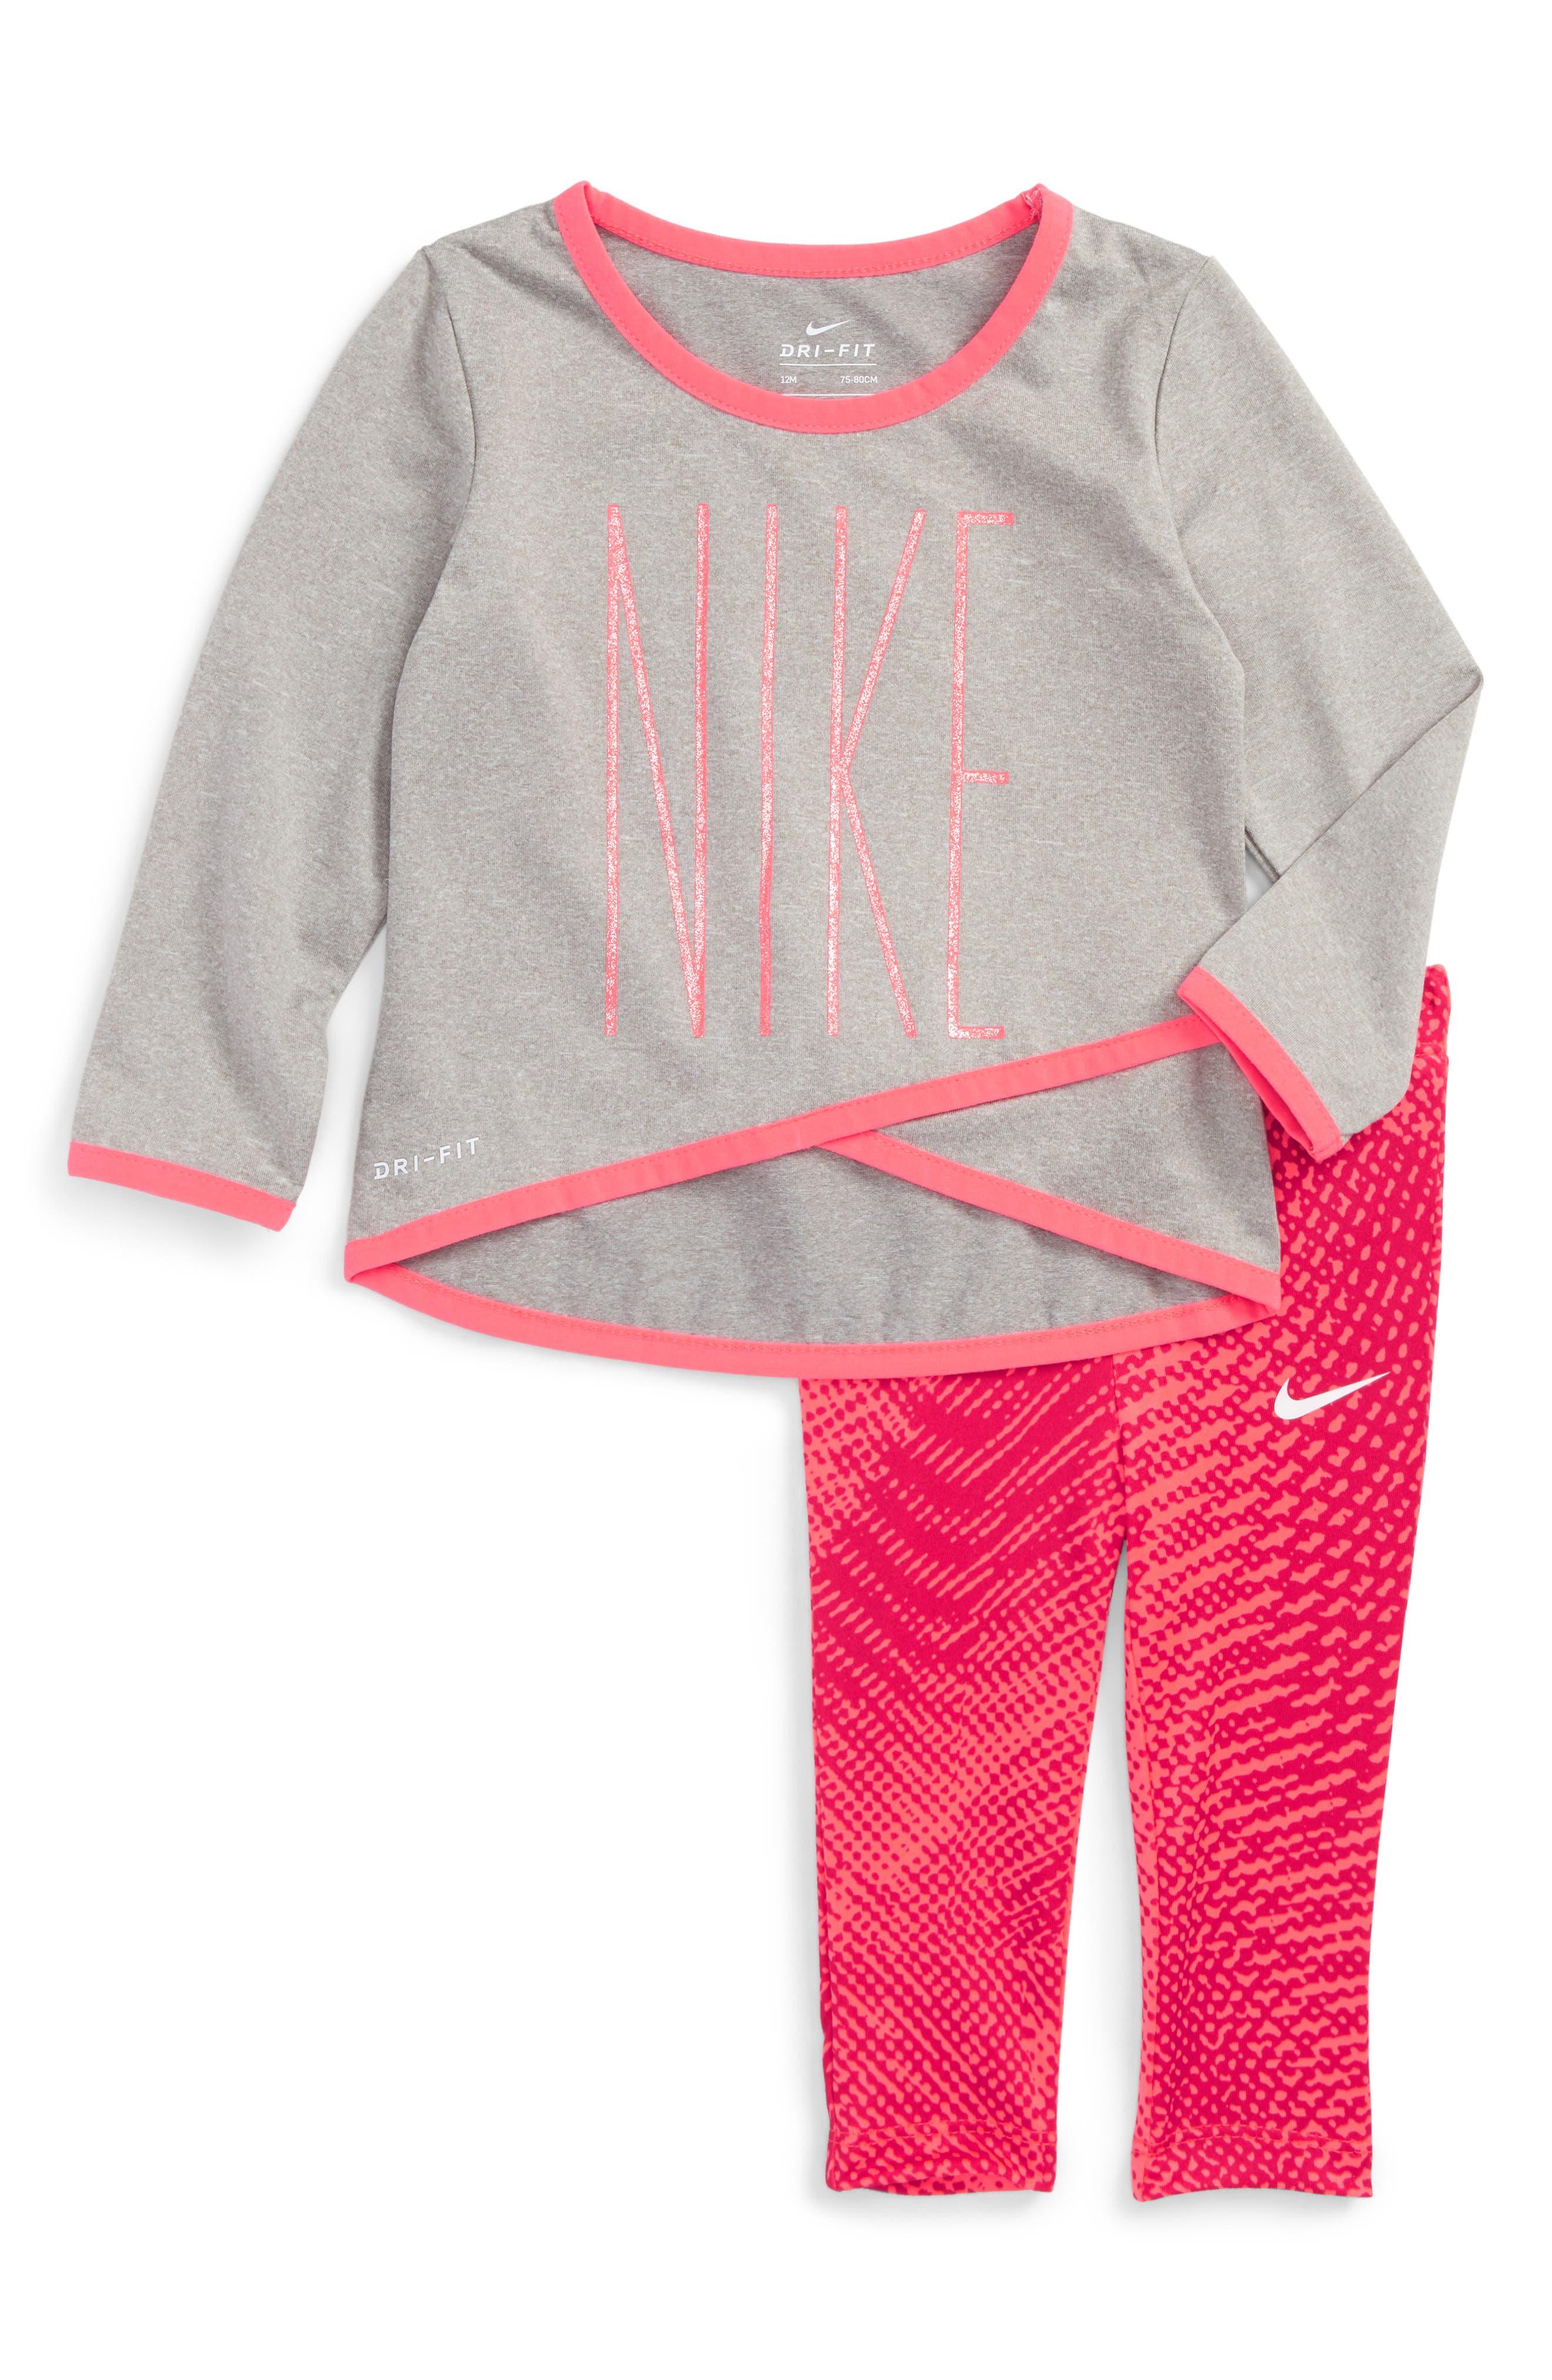 Alternate Image 1 Selected - NIke Dri-FIT Graphic Tee & Print Leggings Set (Baby Girls)